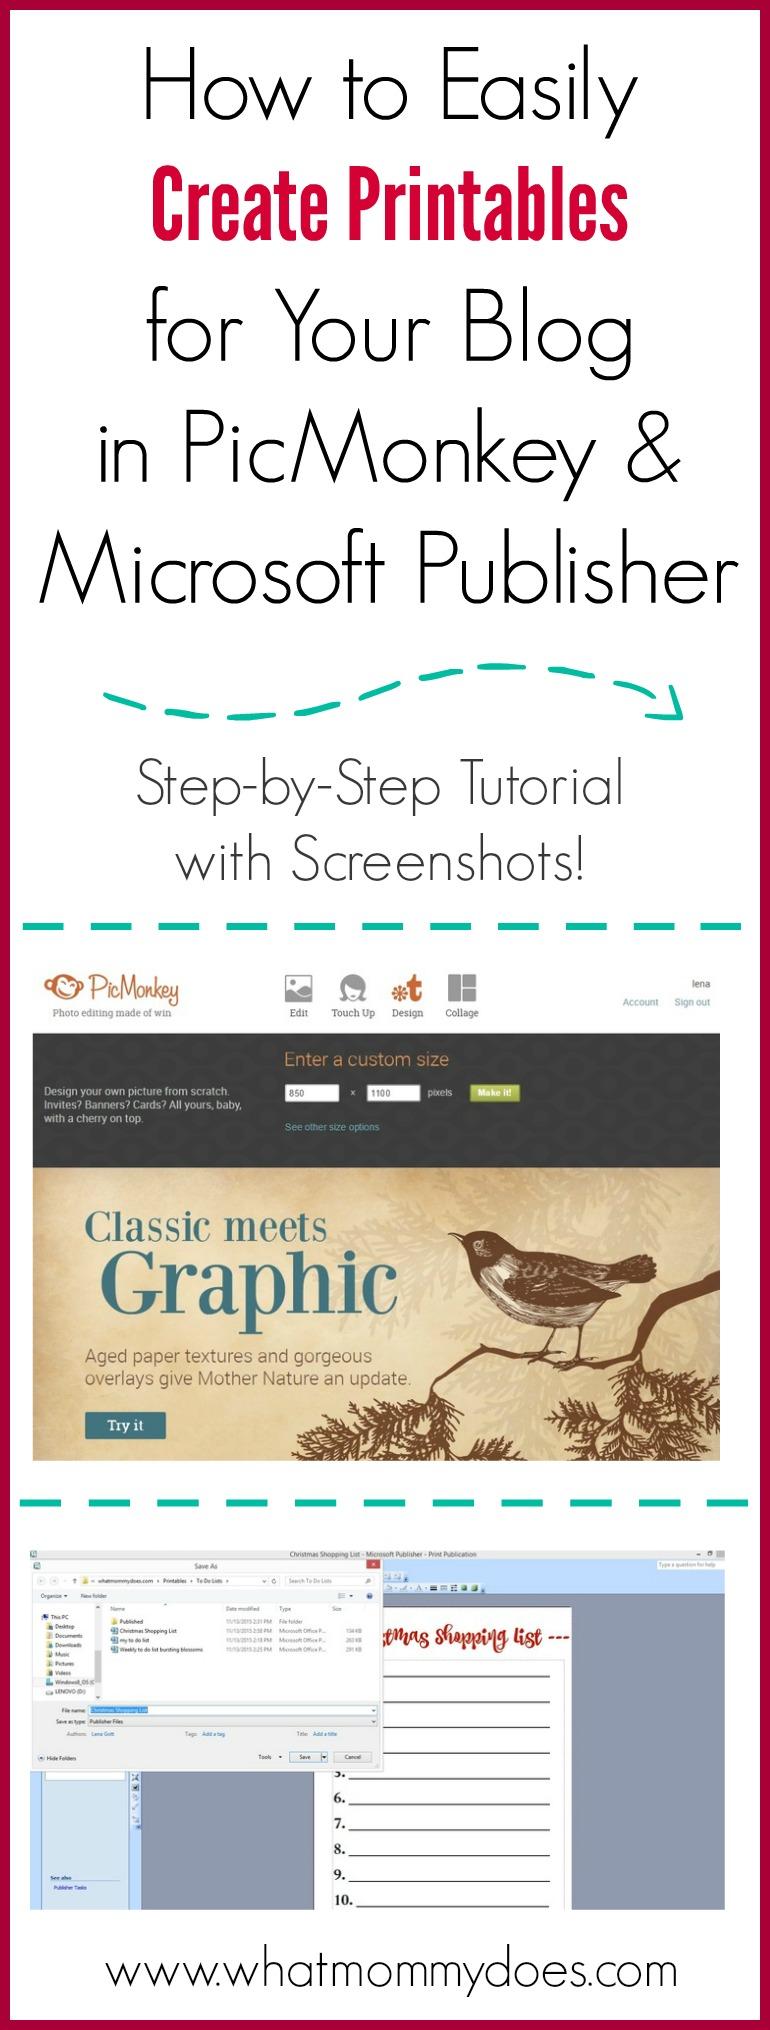 Design Free Printables for Blog Posts